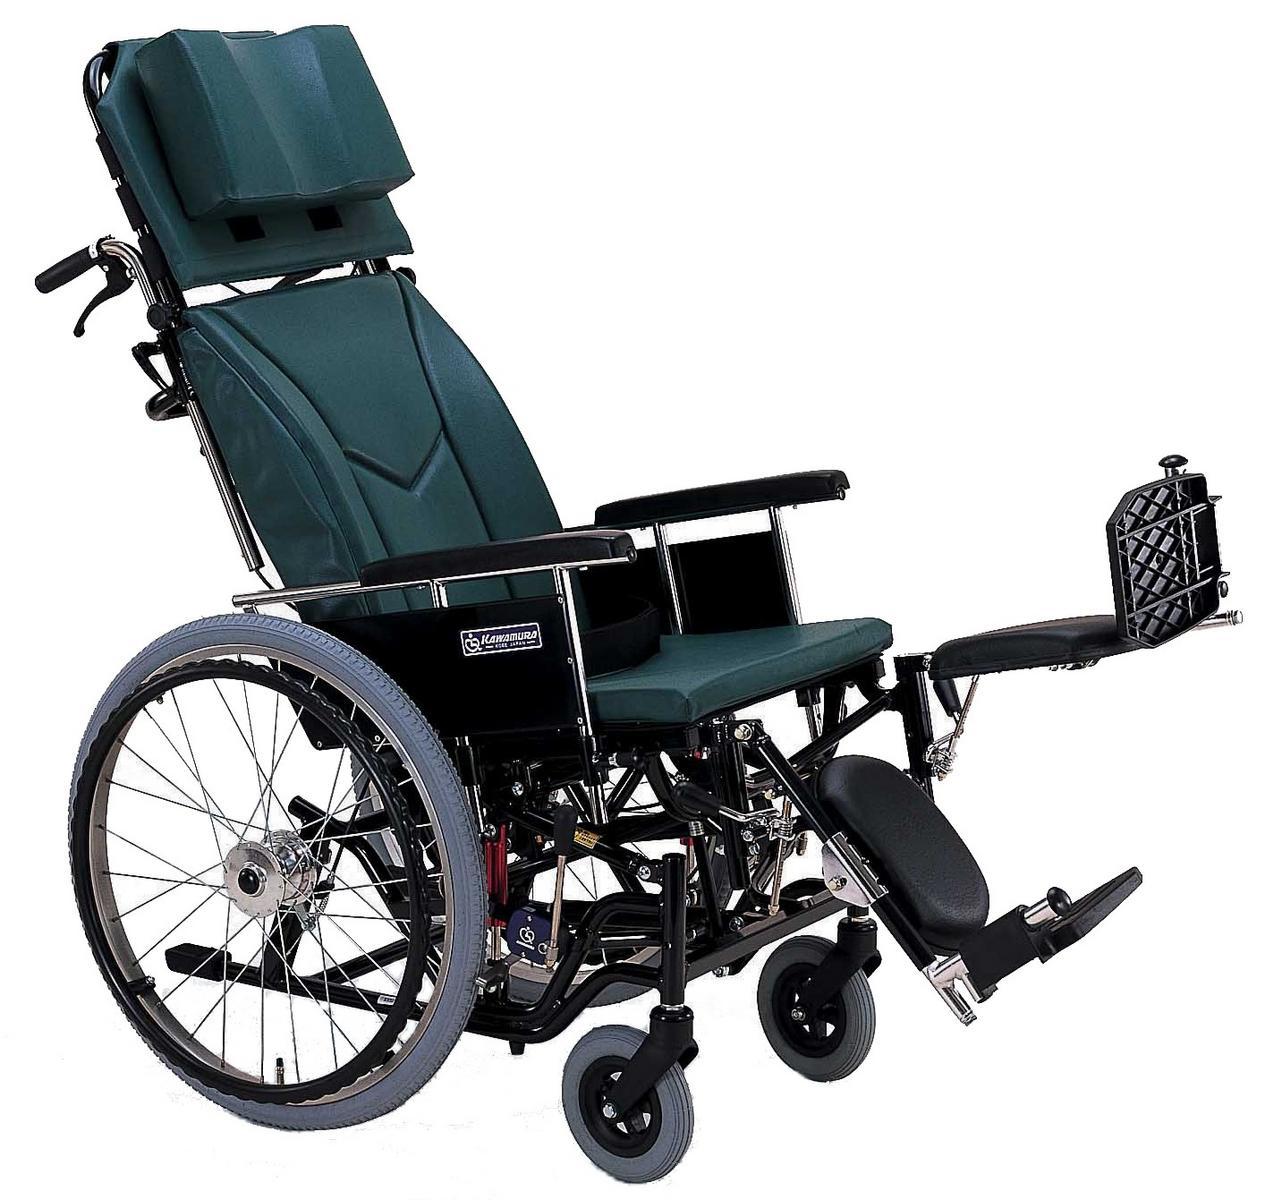 ティルト&リクライニング車椅子(車いす) カワムラサイクル製 KX22-42EL【メーカー正規保証付き/条件付き送料無料】